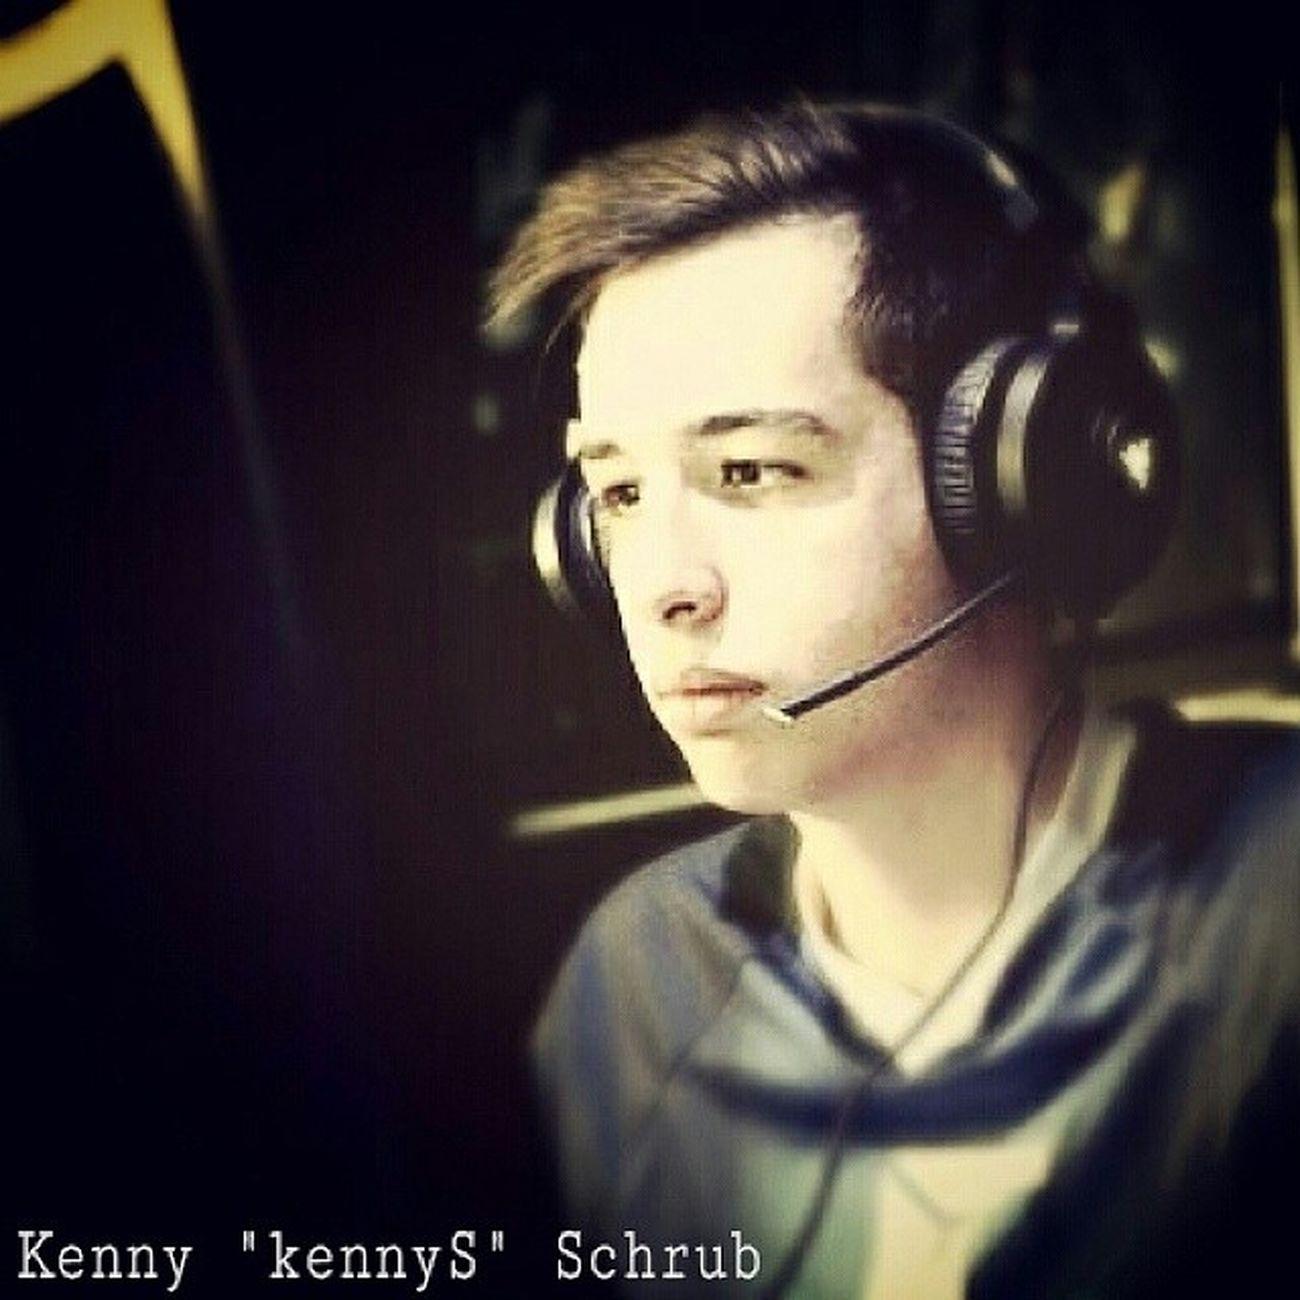 Titan Kennys Csgo AwpKing MyHero :D *-*